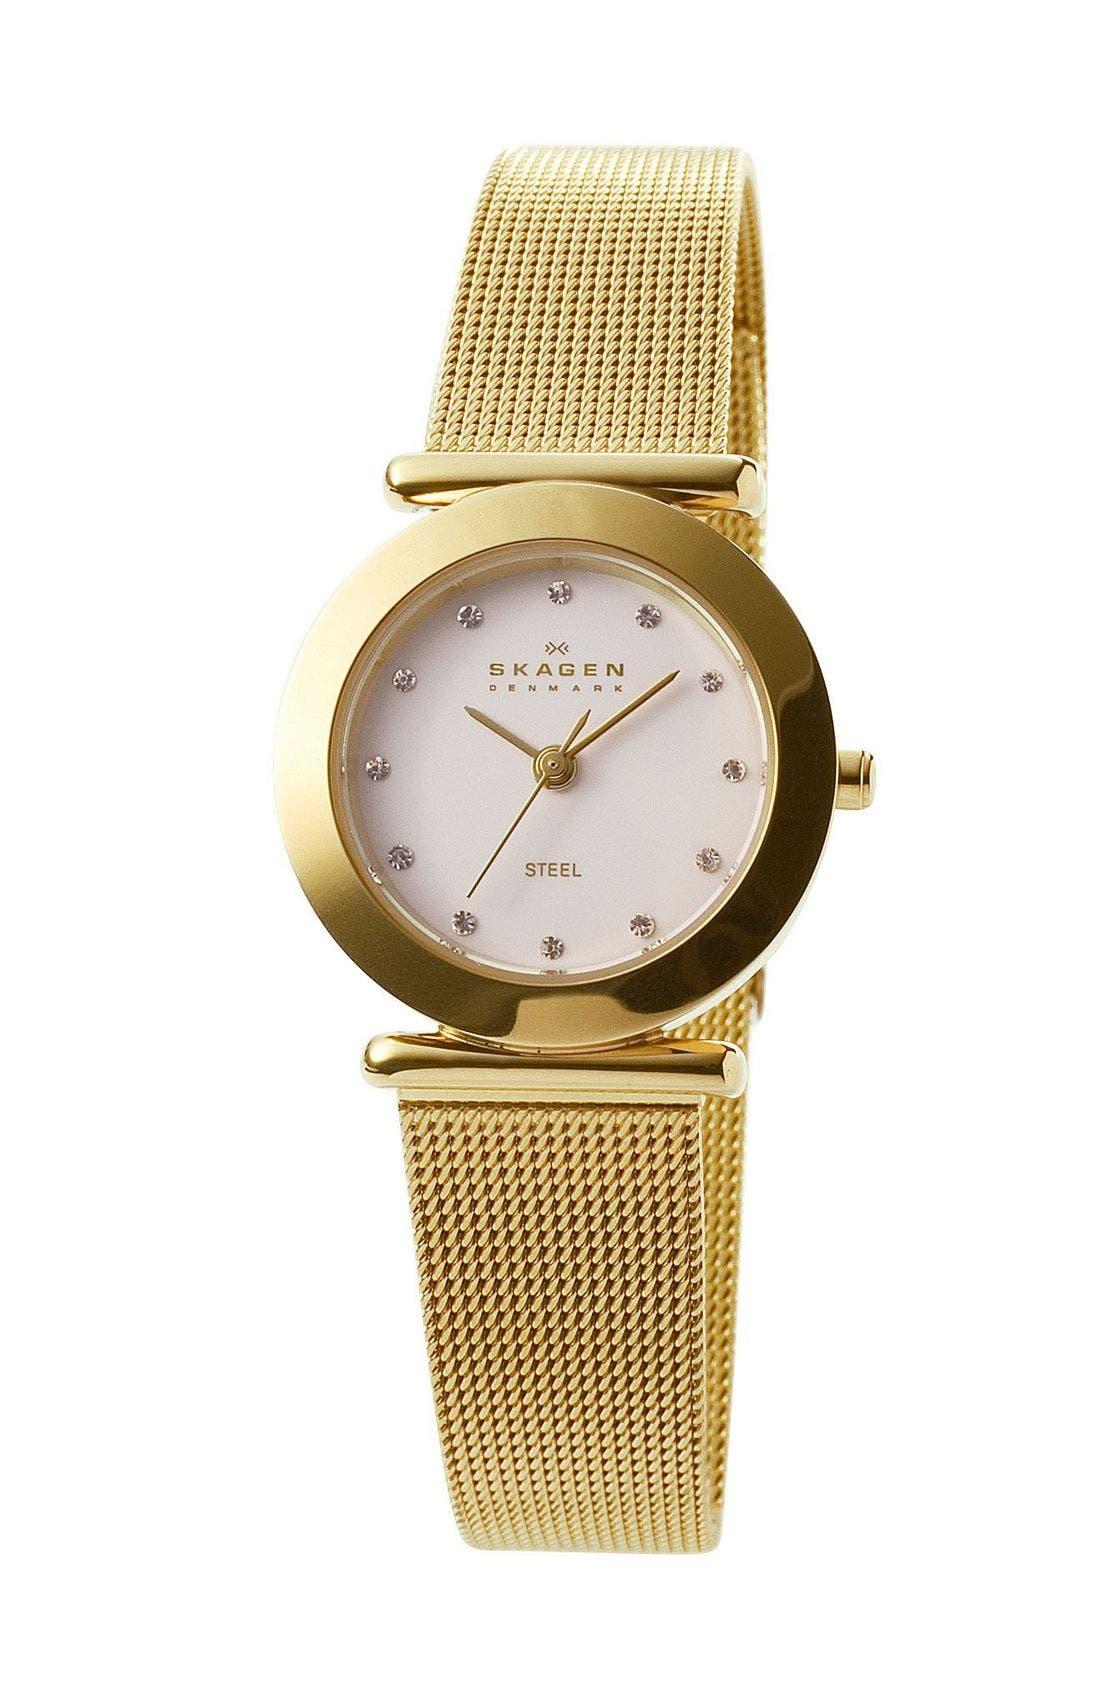 Main Image - Skagen Ladies' Gold Mesh Watch